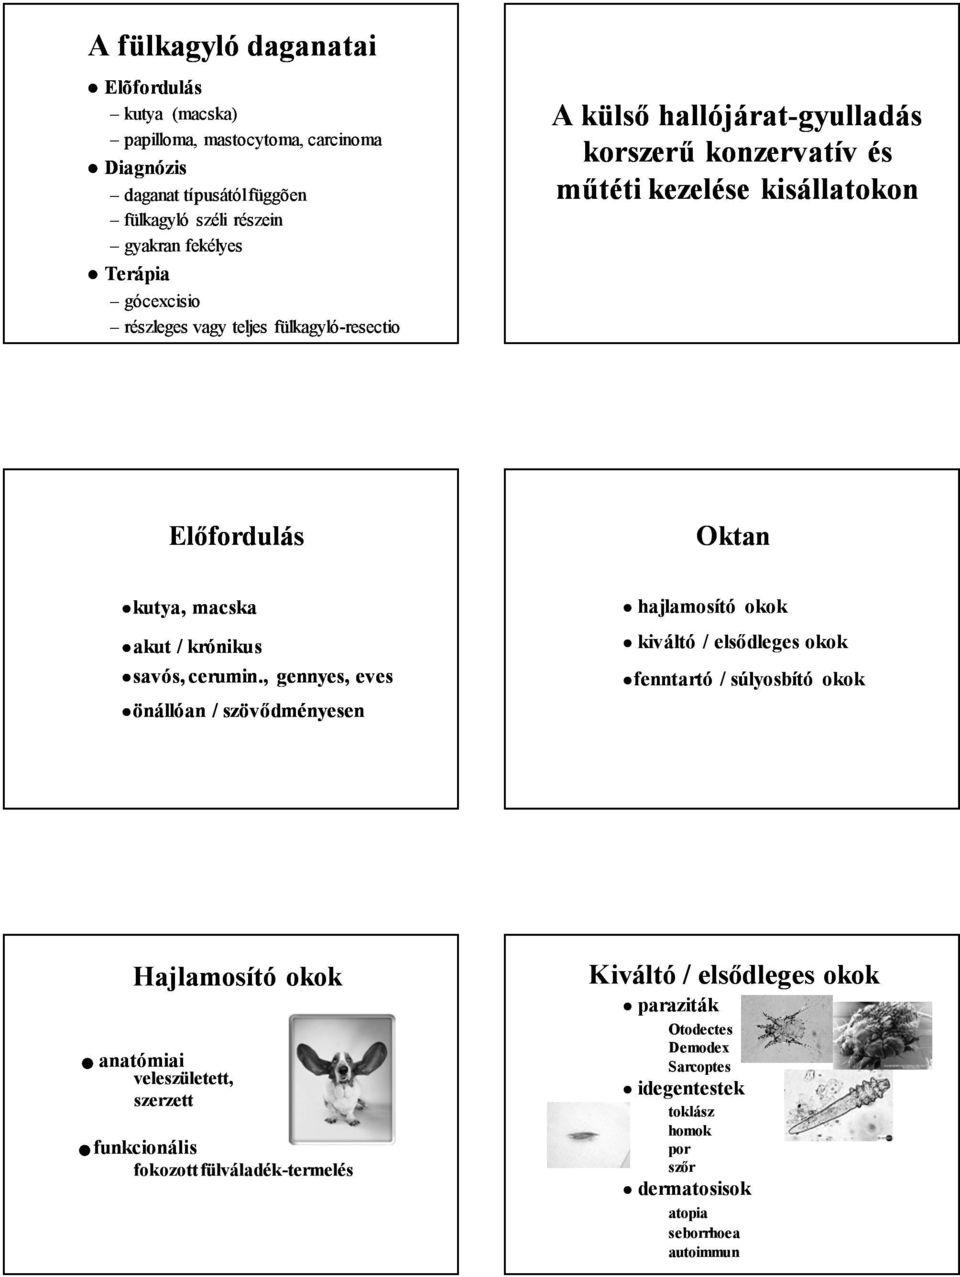 papillómák és paraziták)